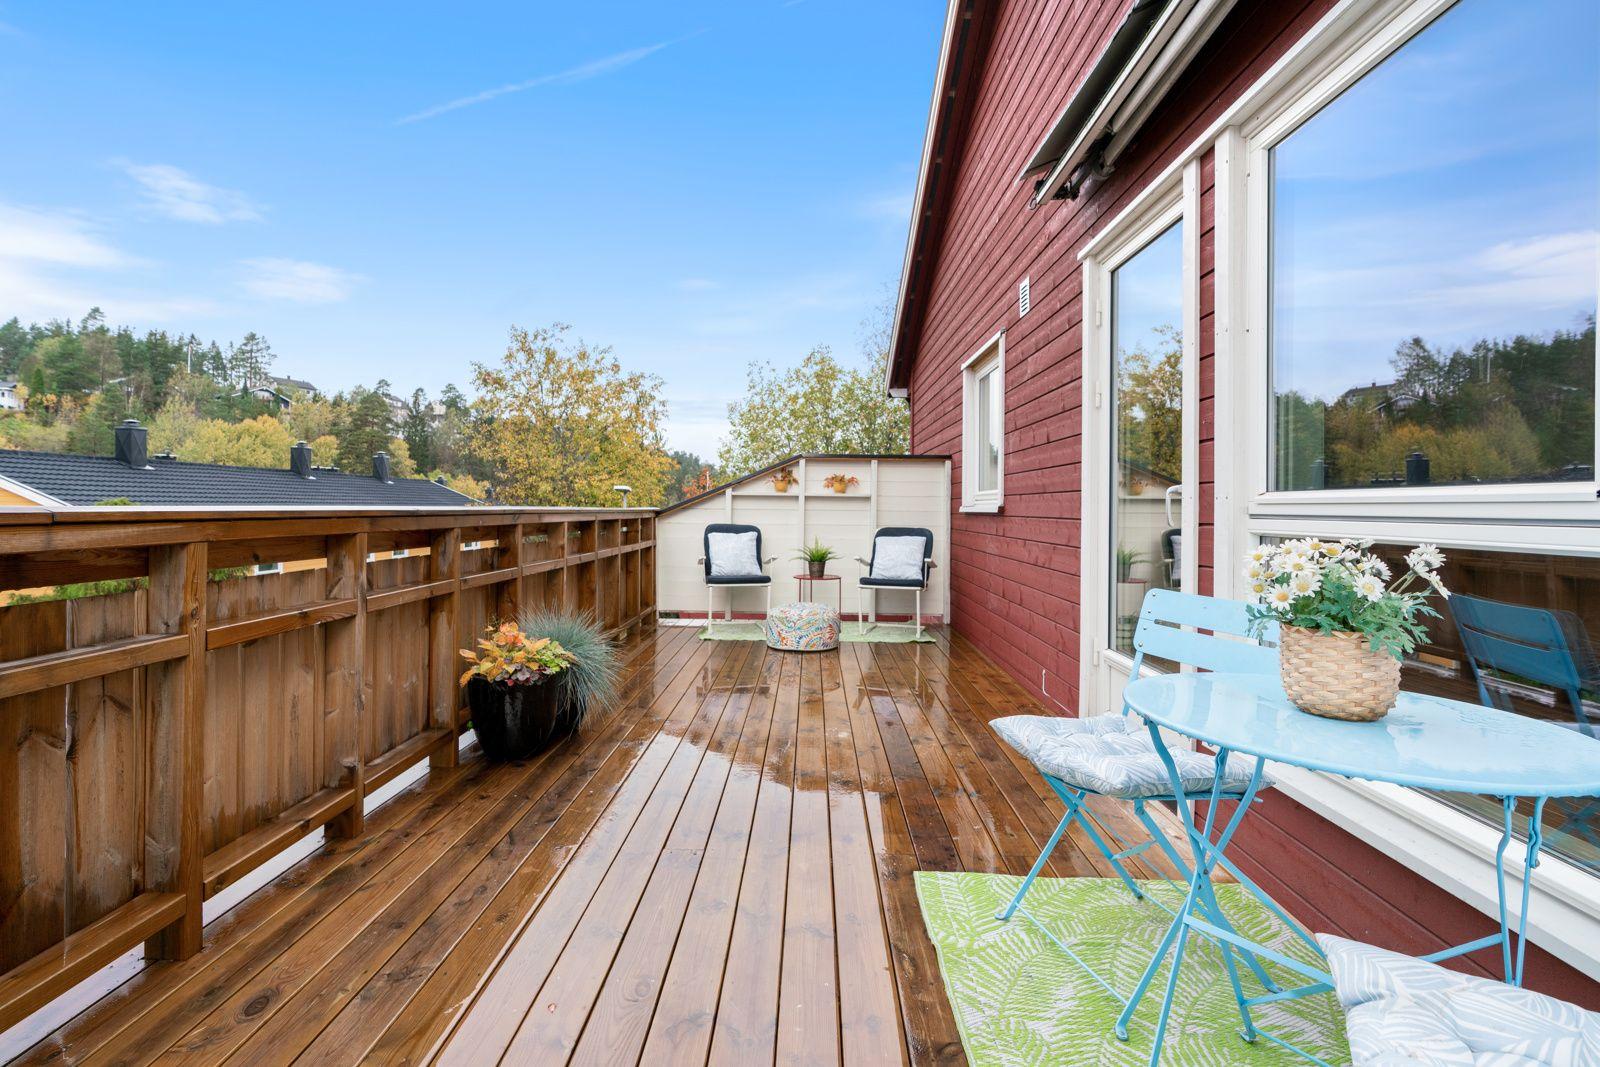 Kreklingstien 5B Leiligheten har en vestvendt og svært solrik terrasse på ca. 17,4 kvm med god plass til sittegrupper, planter og grill